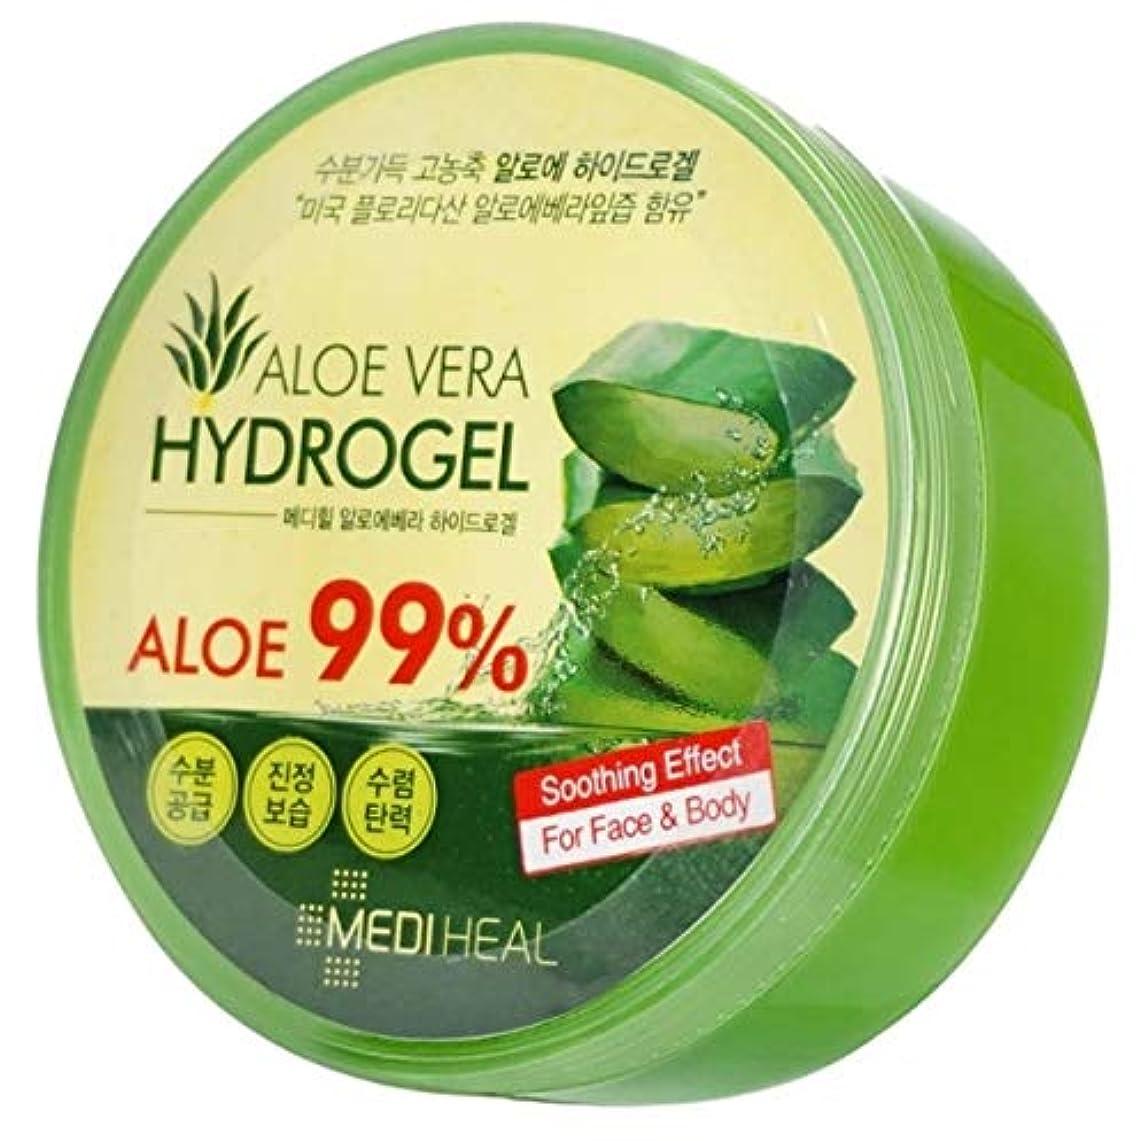 逃げる今晩なくなるMediheal メディヒール Skin Soothing なだめるような & Moisture 水分 99% Aloe アロエ Vera Hydro Gels ハイドロゲル